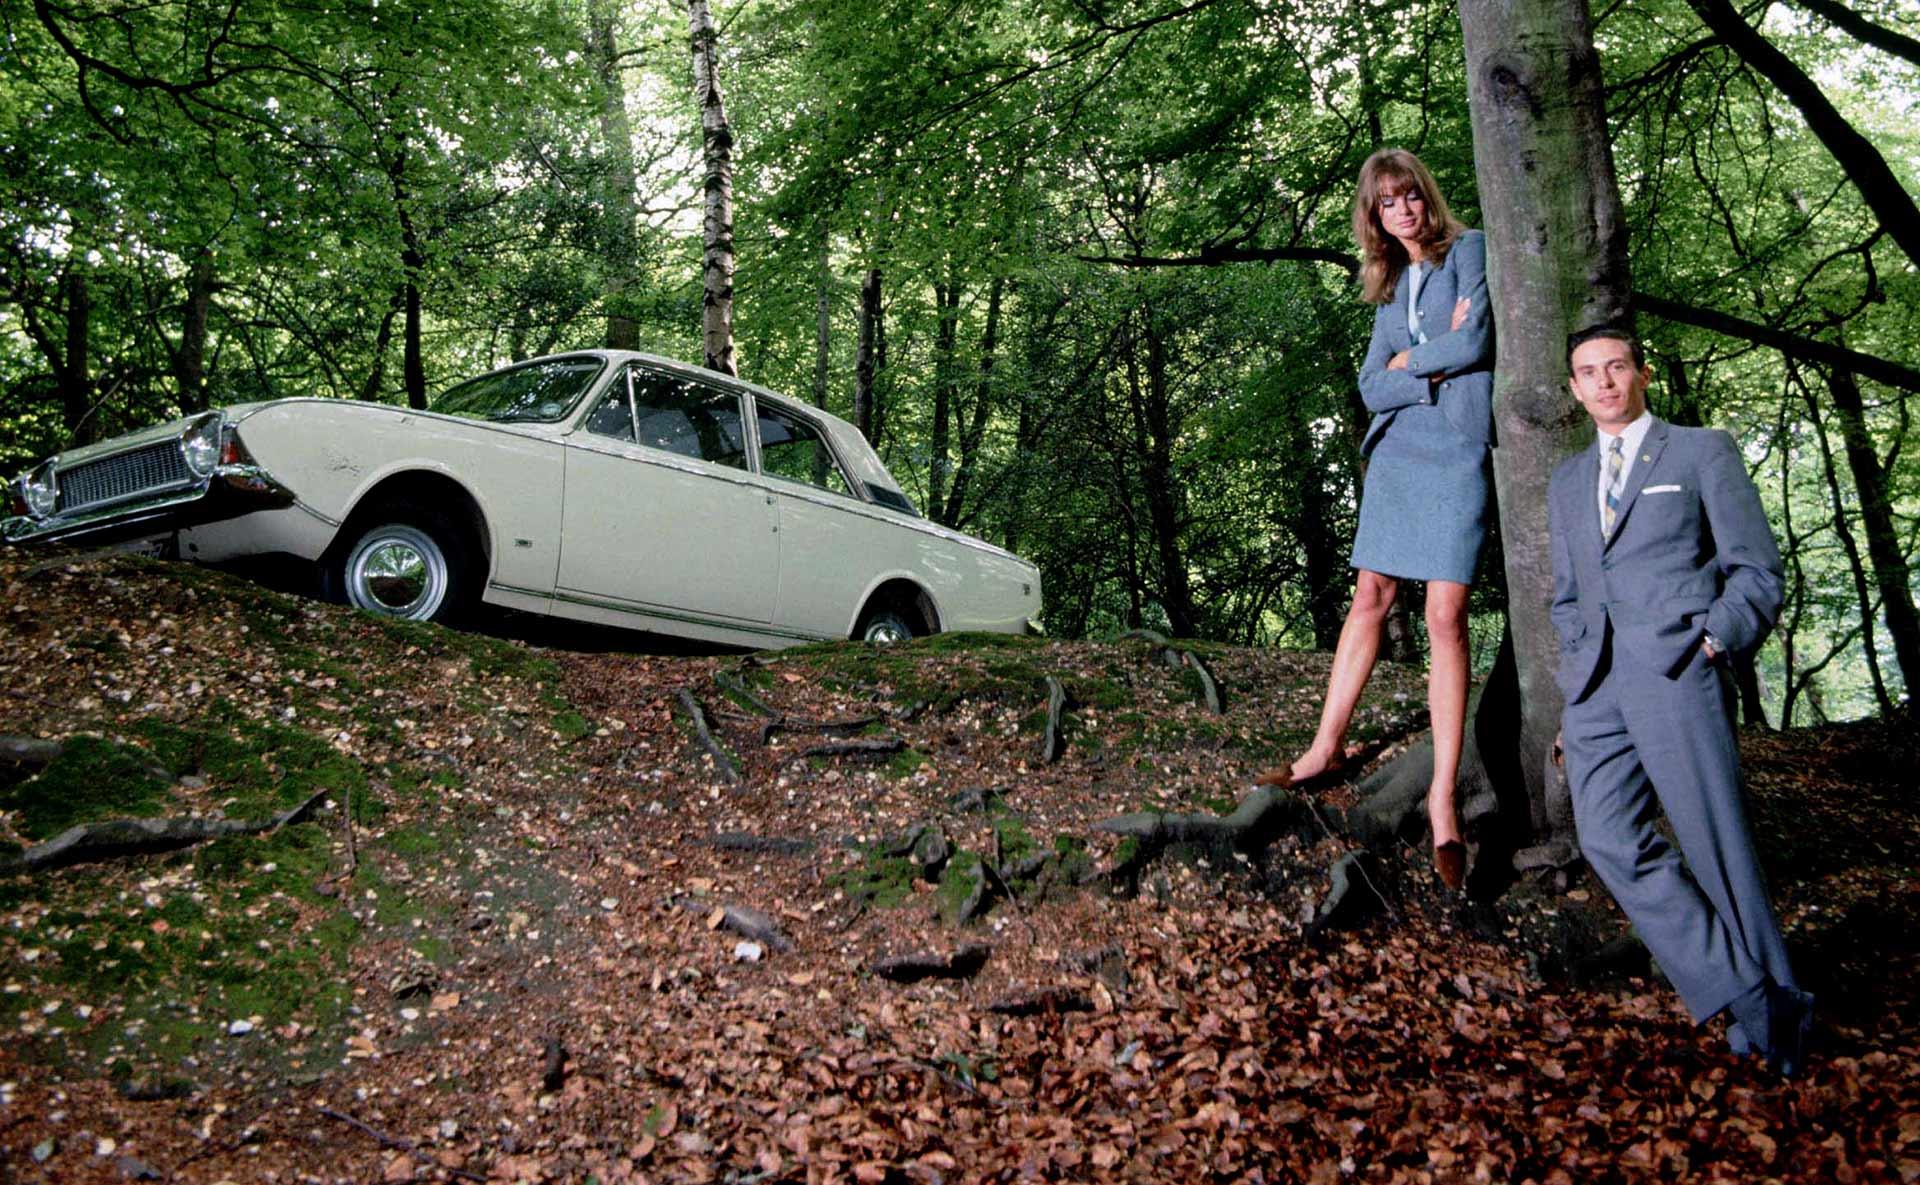 Jim Clark trivdes visstnok best på sauefarmen sin, men hadde draget på damene. Her i en reklame med en Ford Corsair og supermodellen Jean Shrimpton.